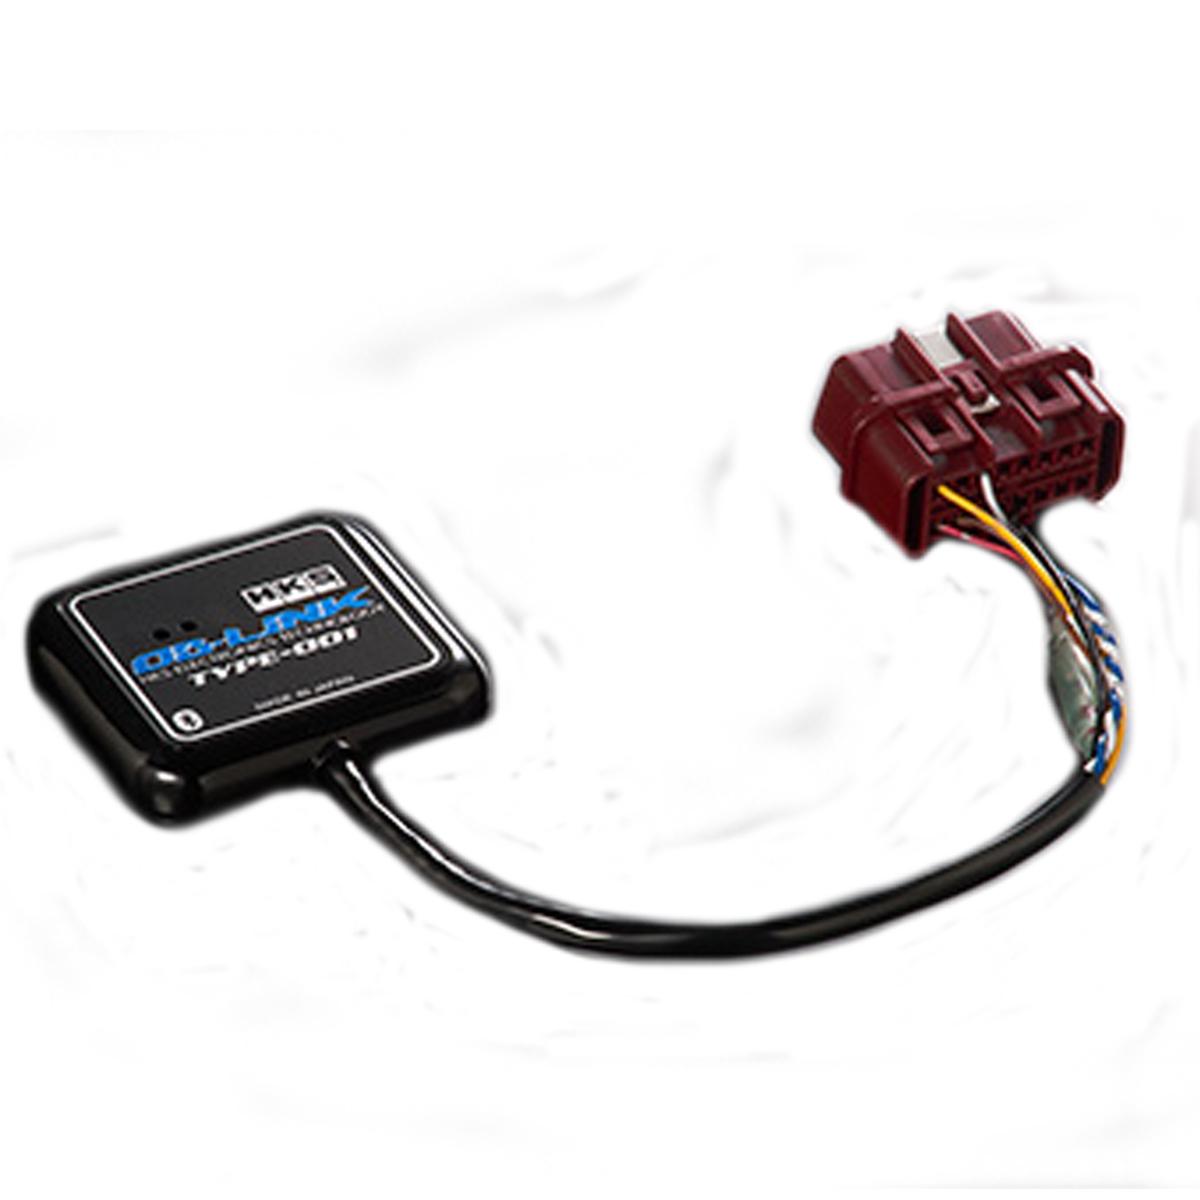 ランサーワゴン モニター OBリンク タイプ 001 CS5W HKS 44009-AK002 エレクトリニクス